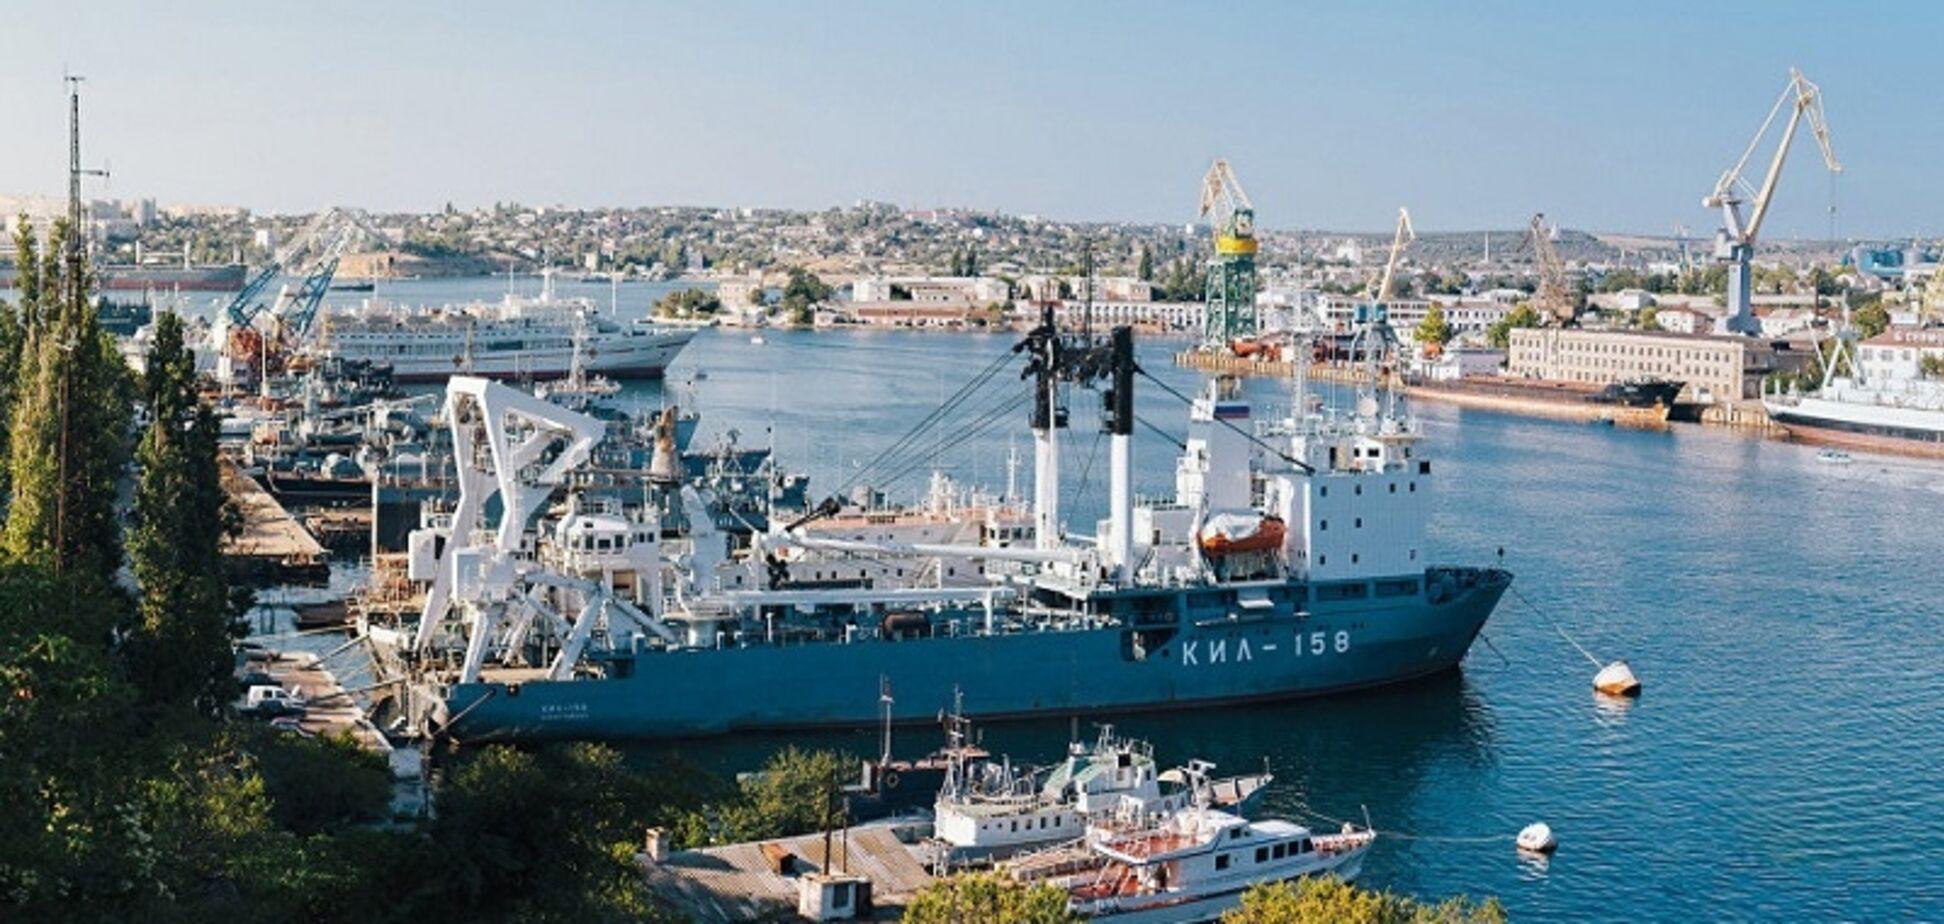 'Ми не знали': ще дві німецькі компанії потрапили в скандал через Крим